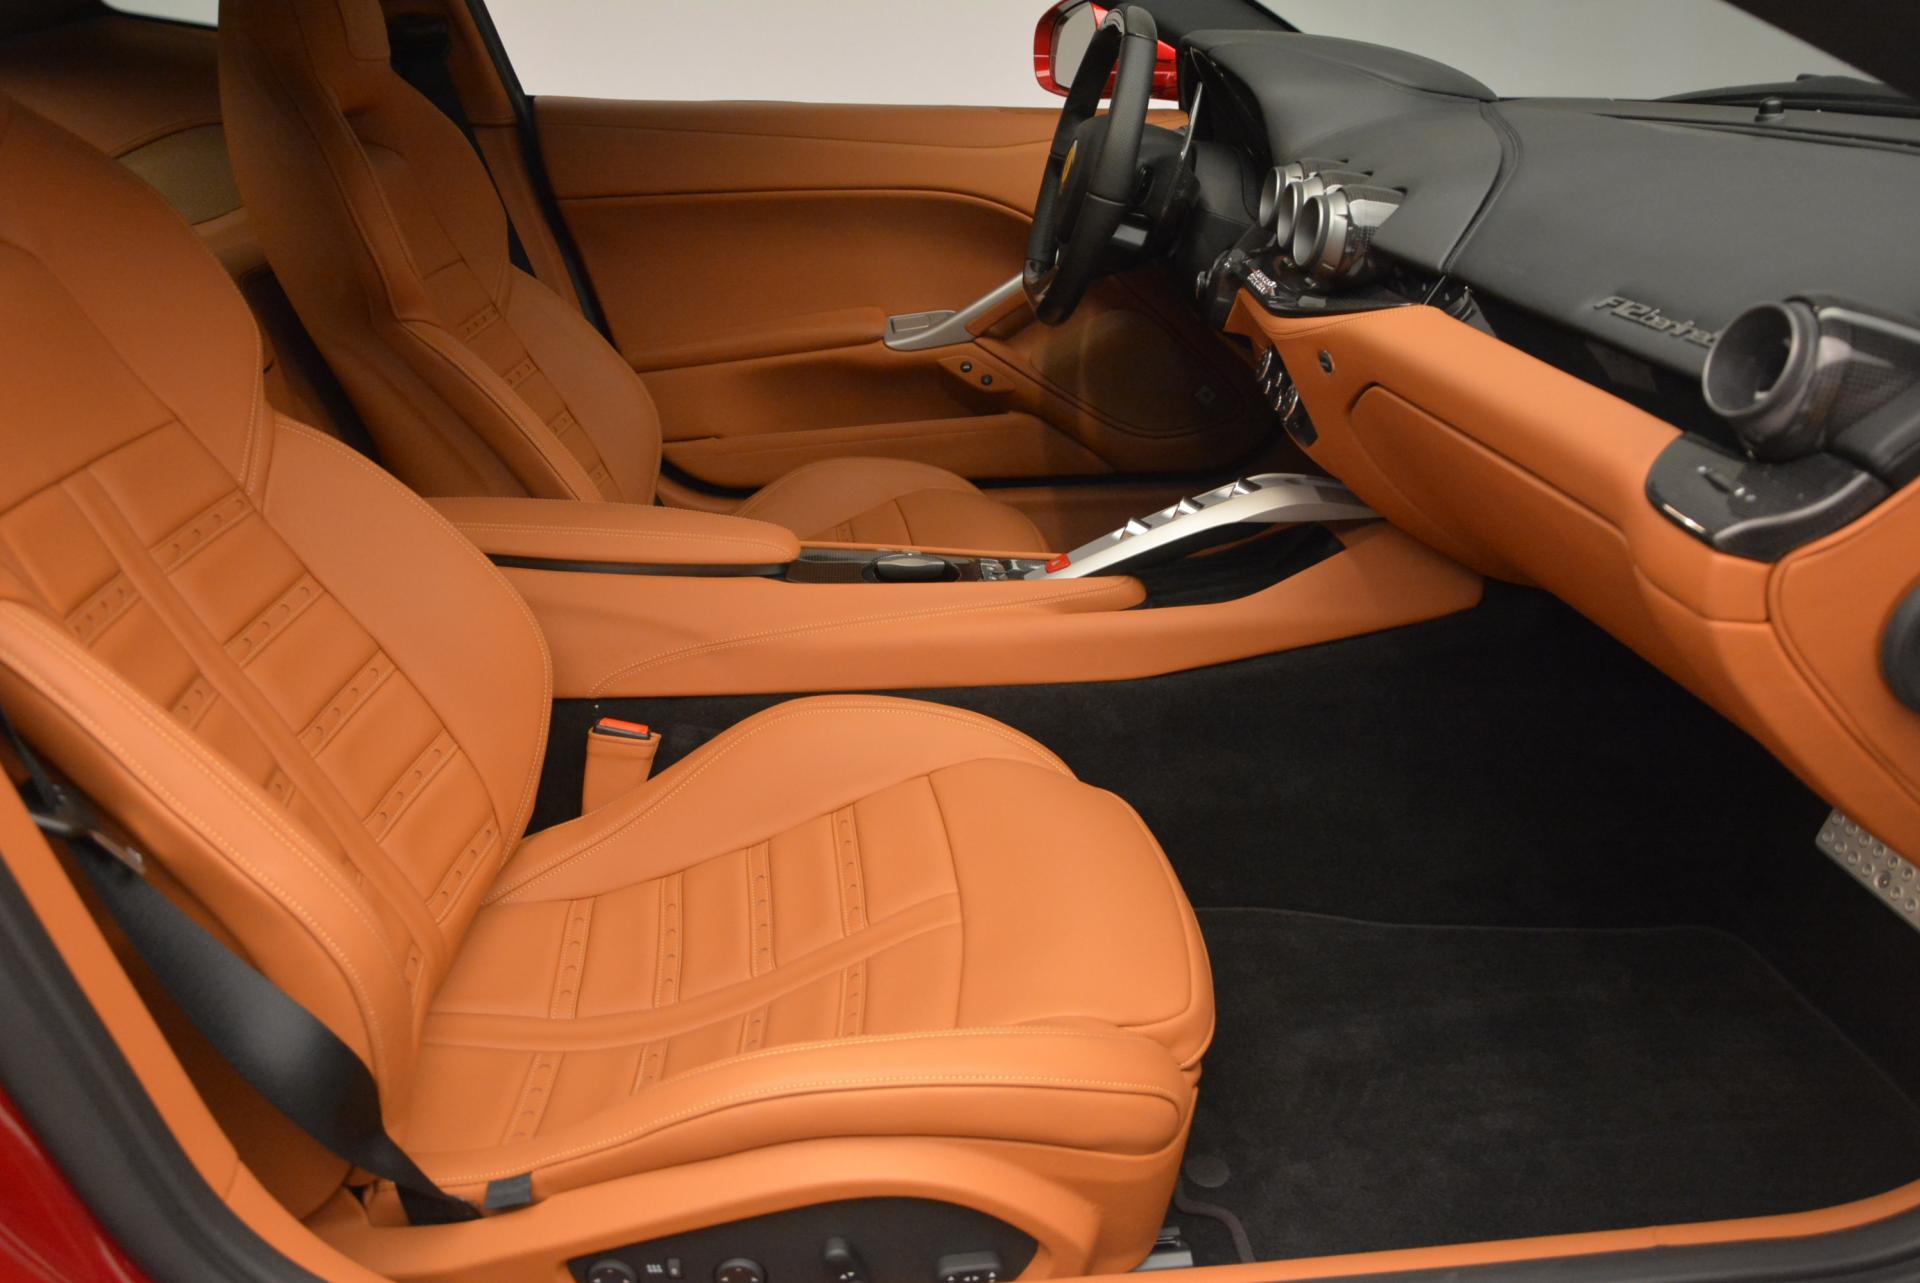 Used 2014 Ferrari F12 Berlinetta  For Sale In Greenwich, CT. Alfa Romeo of Greenwich, 4393 149_p17